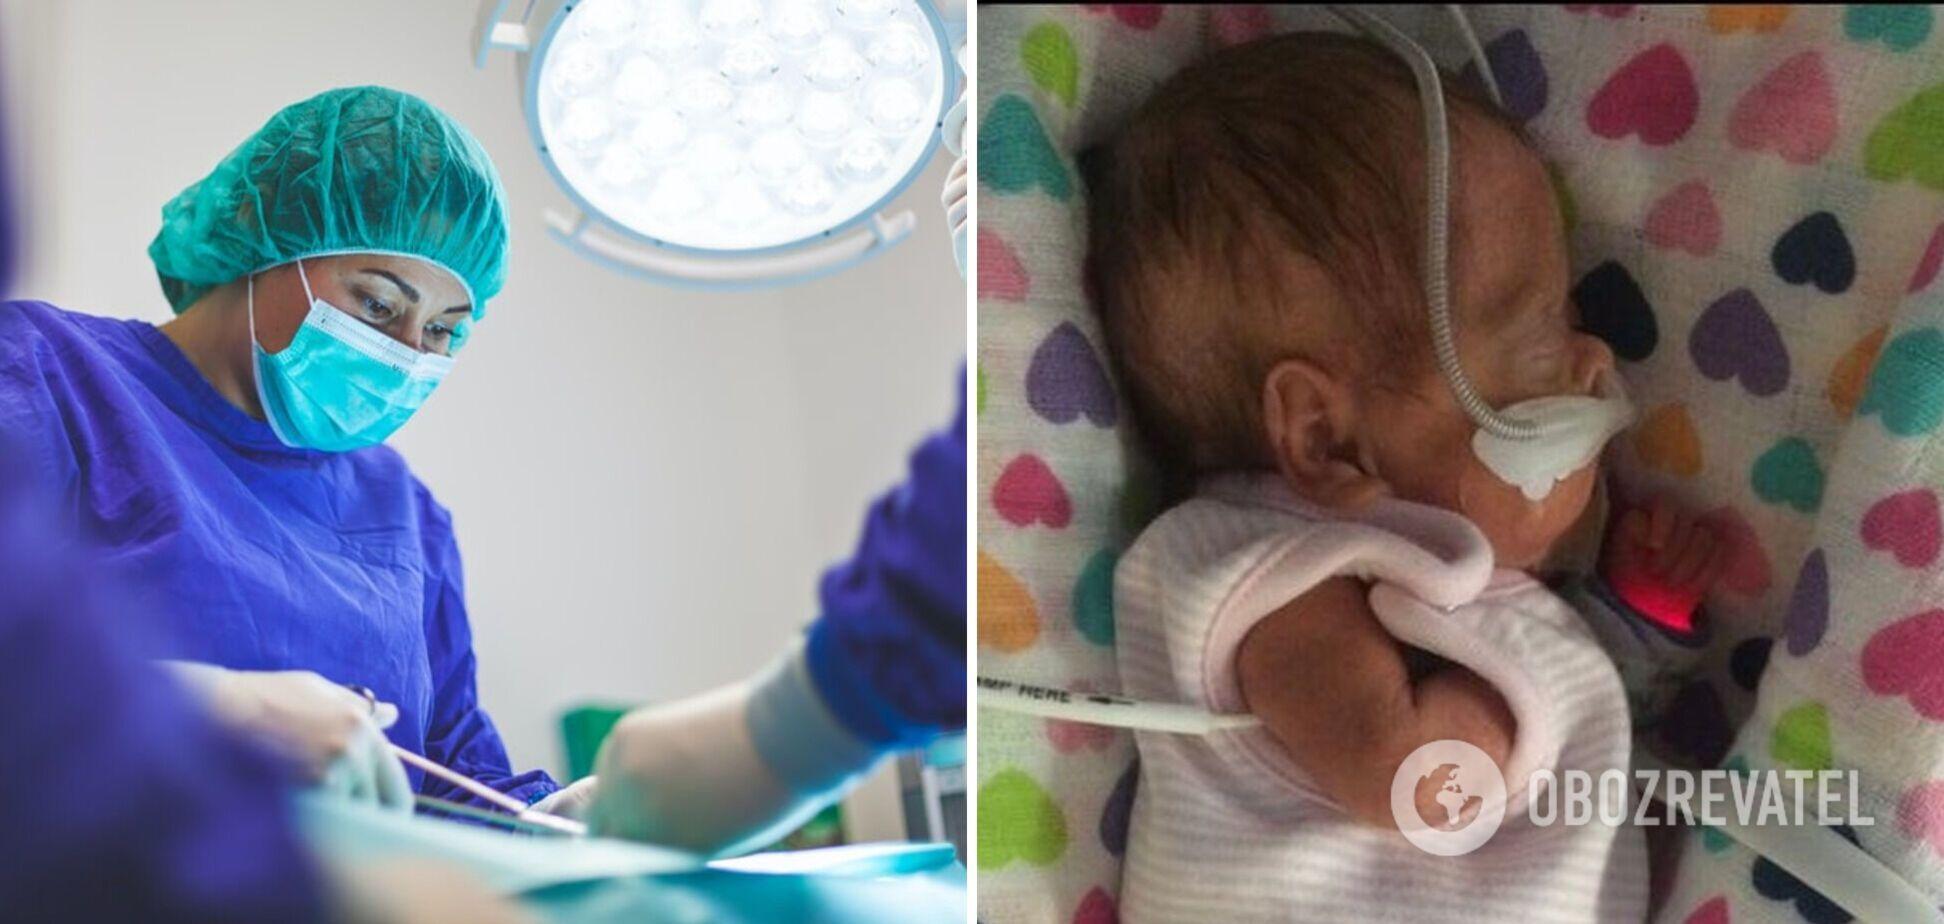 Лікарям вдалося врятувати новонароджену, яка важила 650 грамів: ось як вона виглядає через чотири роки. Фото